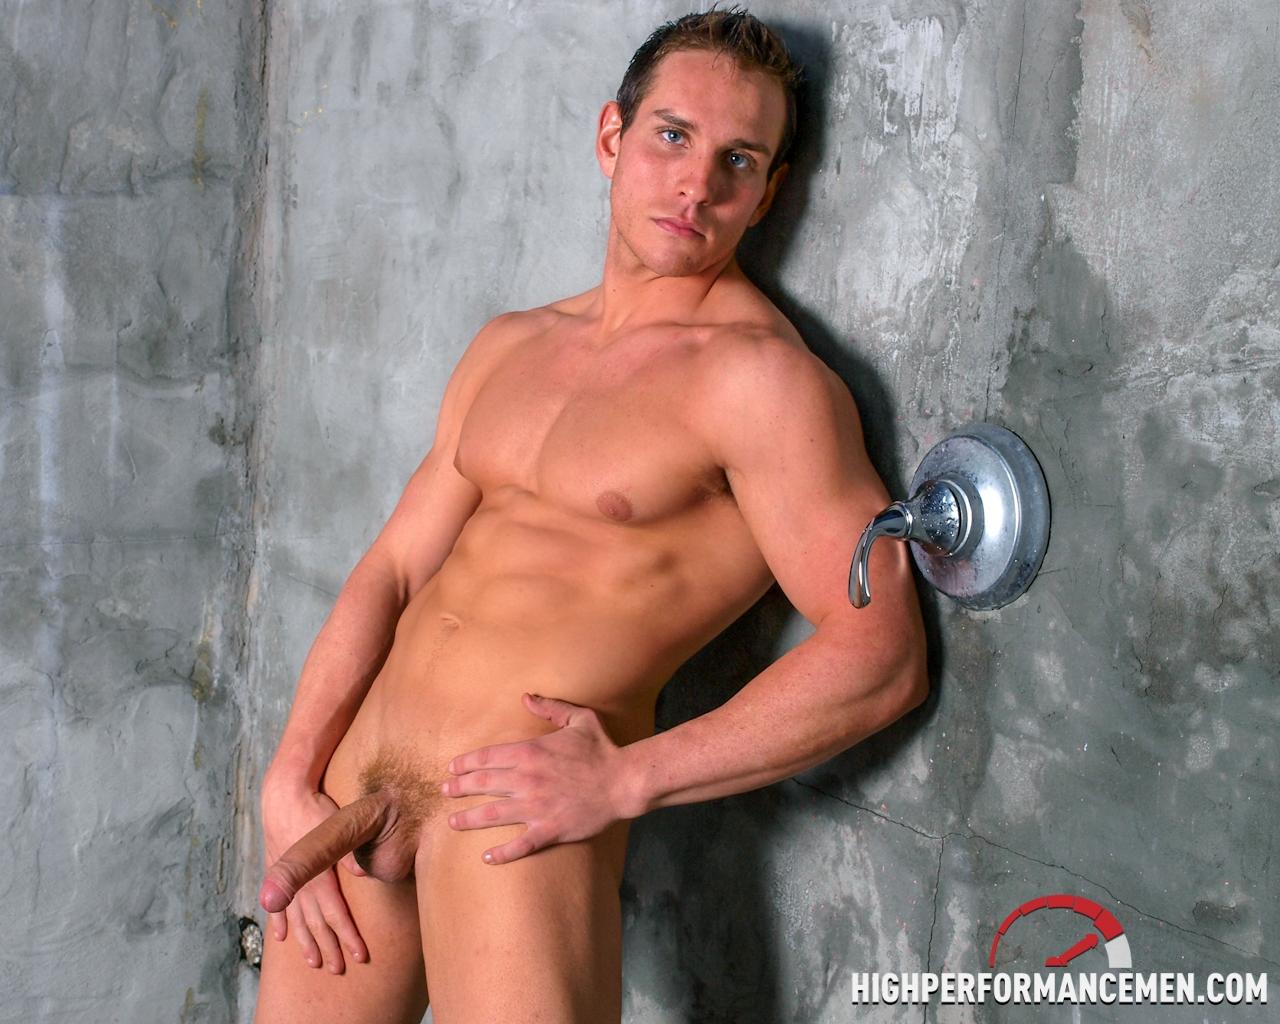 free gay porn clips com